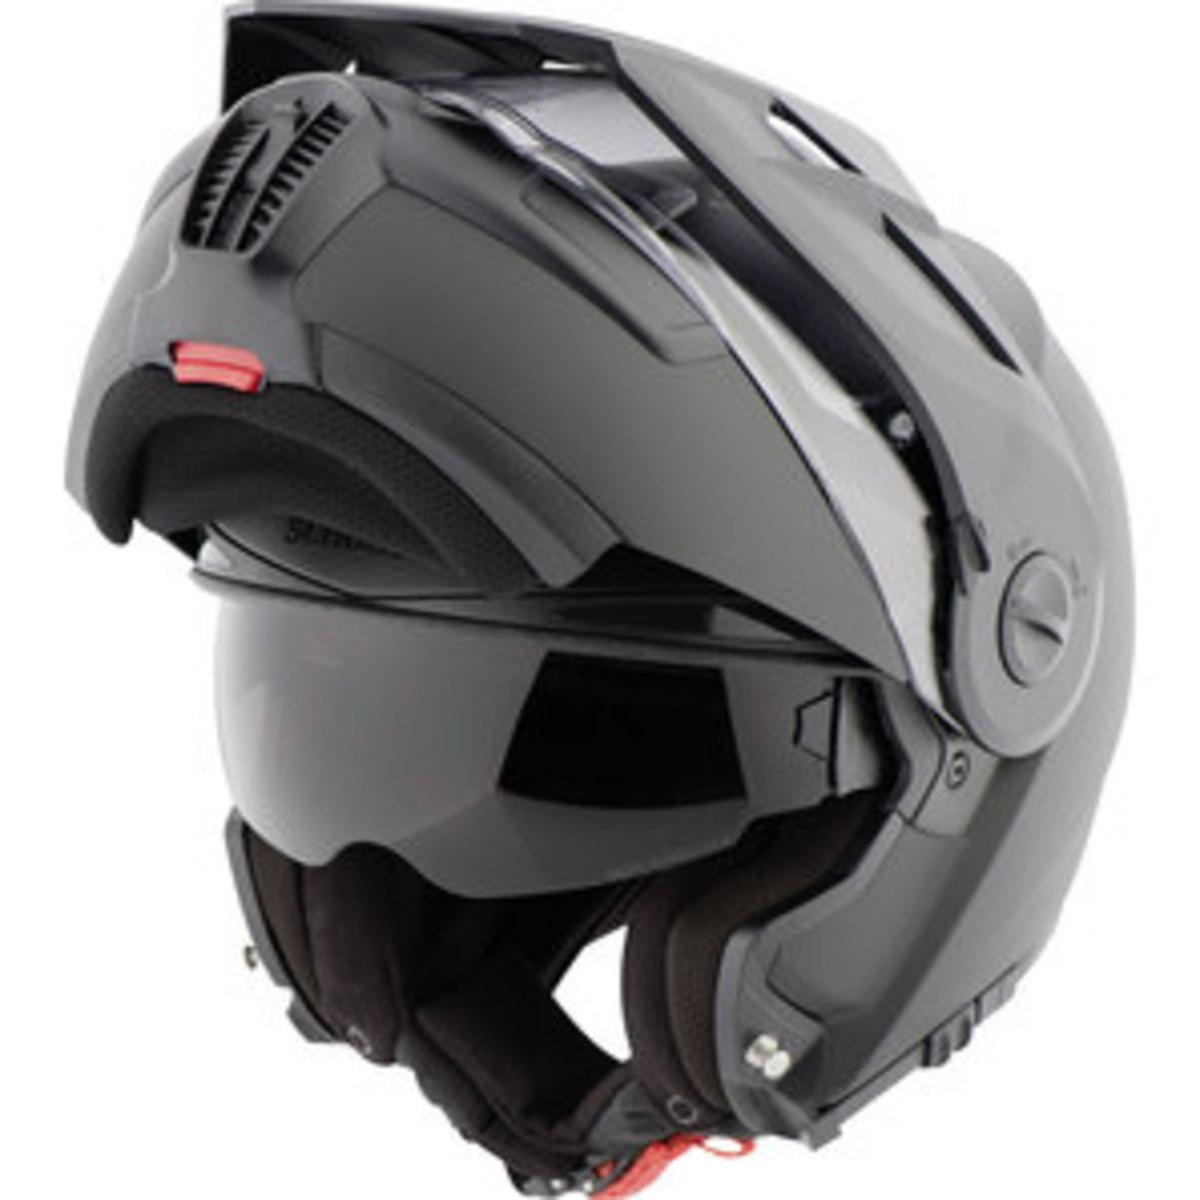 Bild 3 von Schuberth E1 Enduro Helm